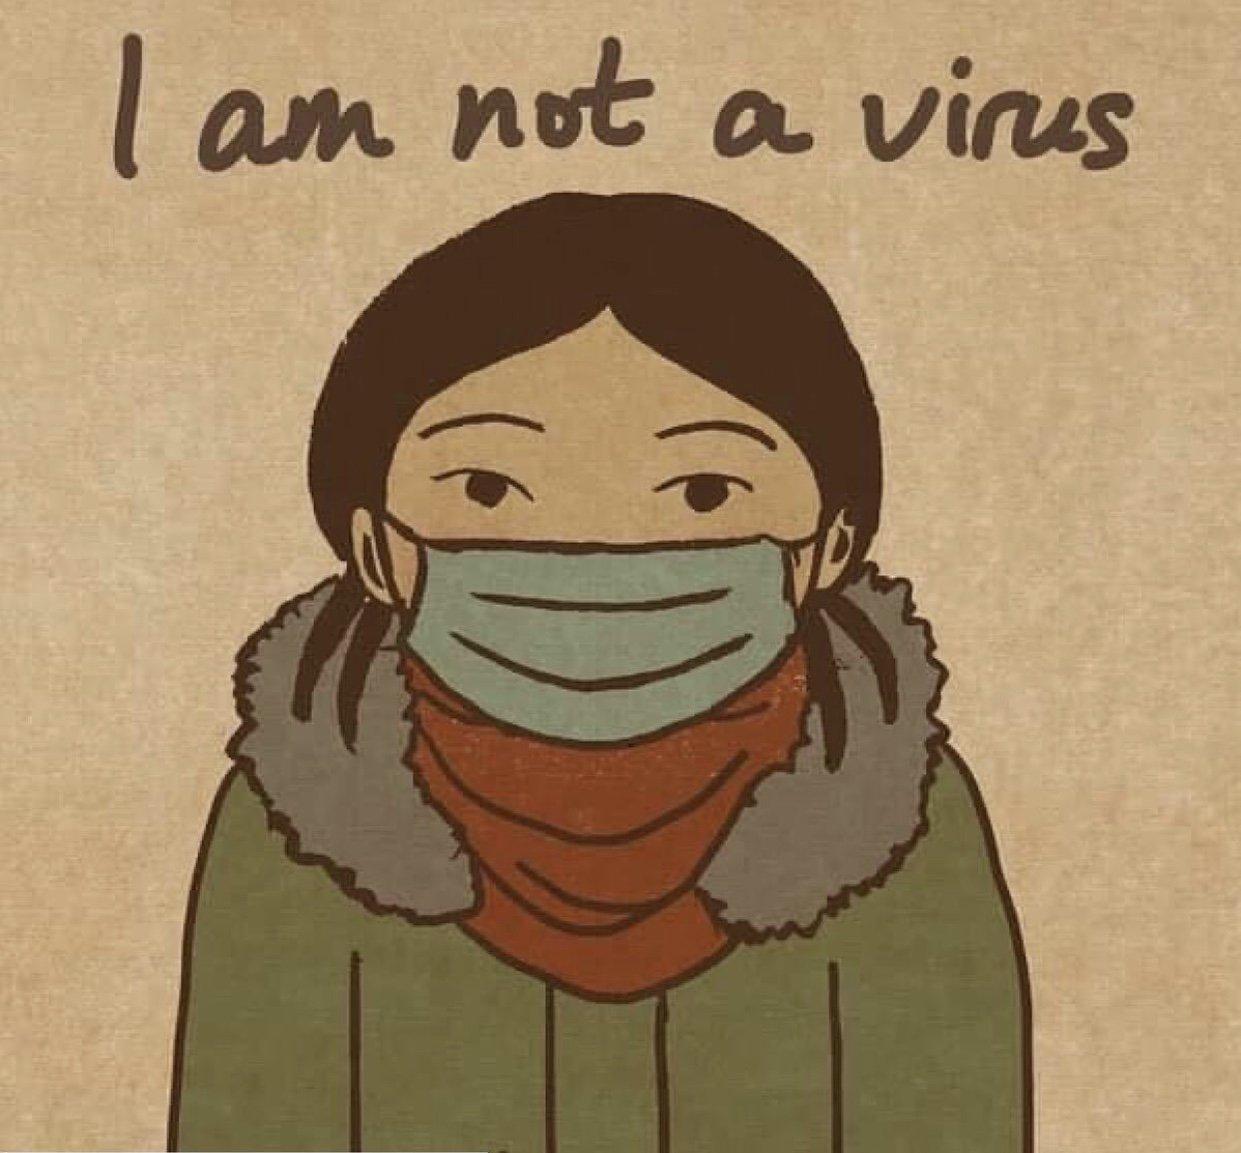 i am not a virus traveltherapists blog di viaggio miglior blog di viaggio